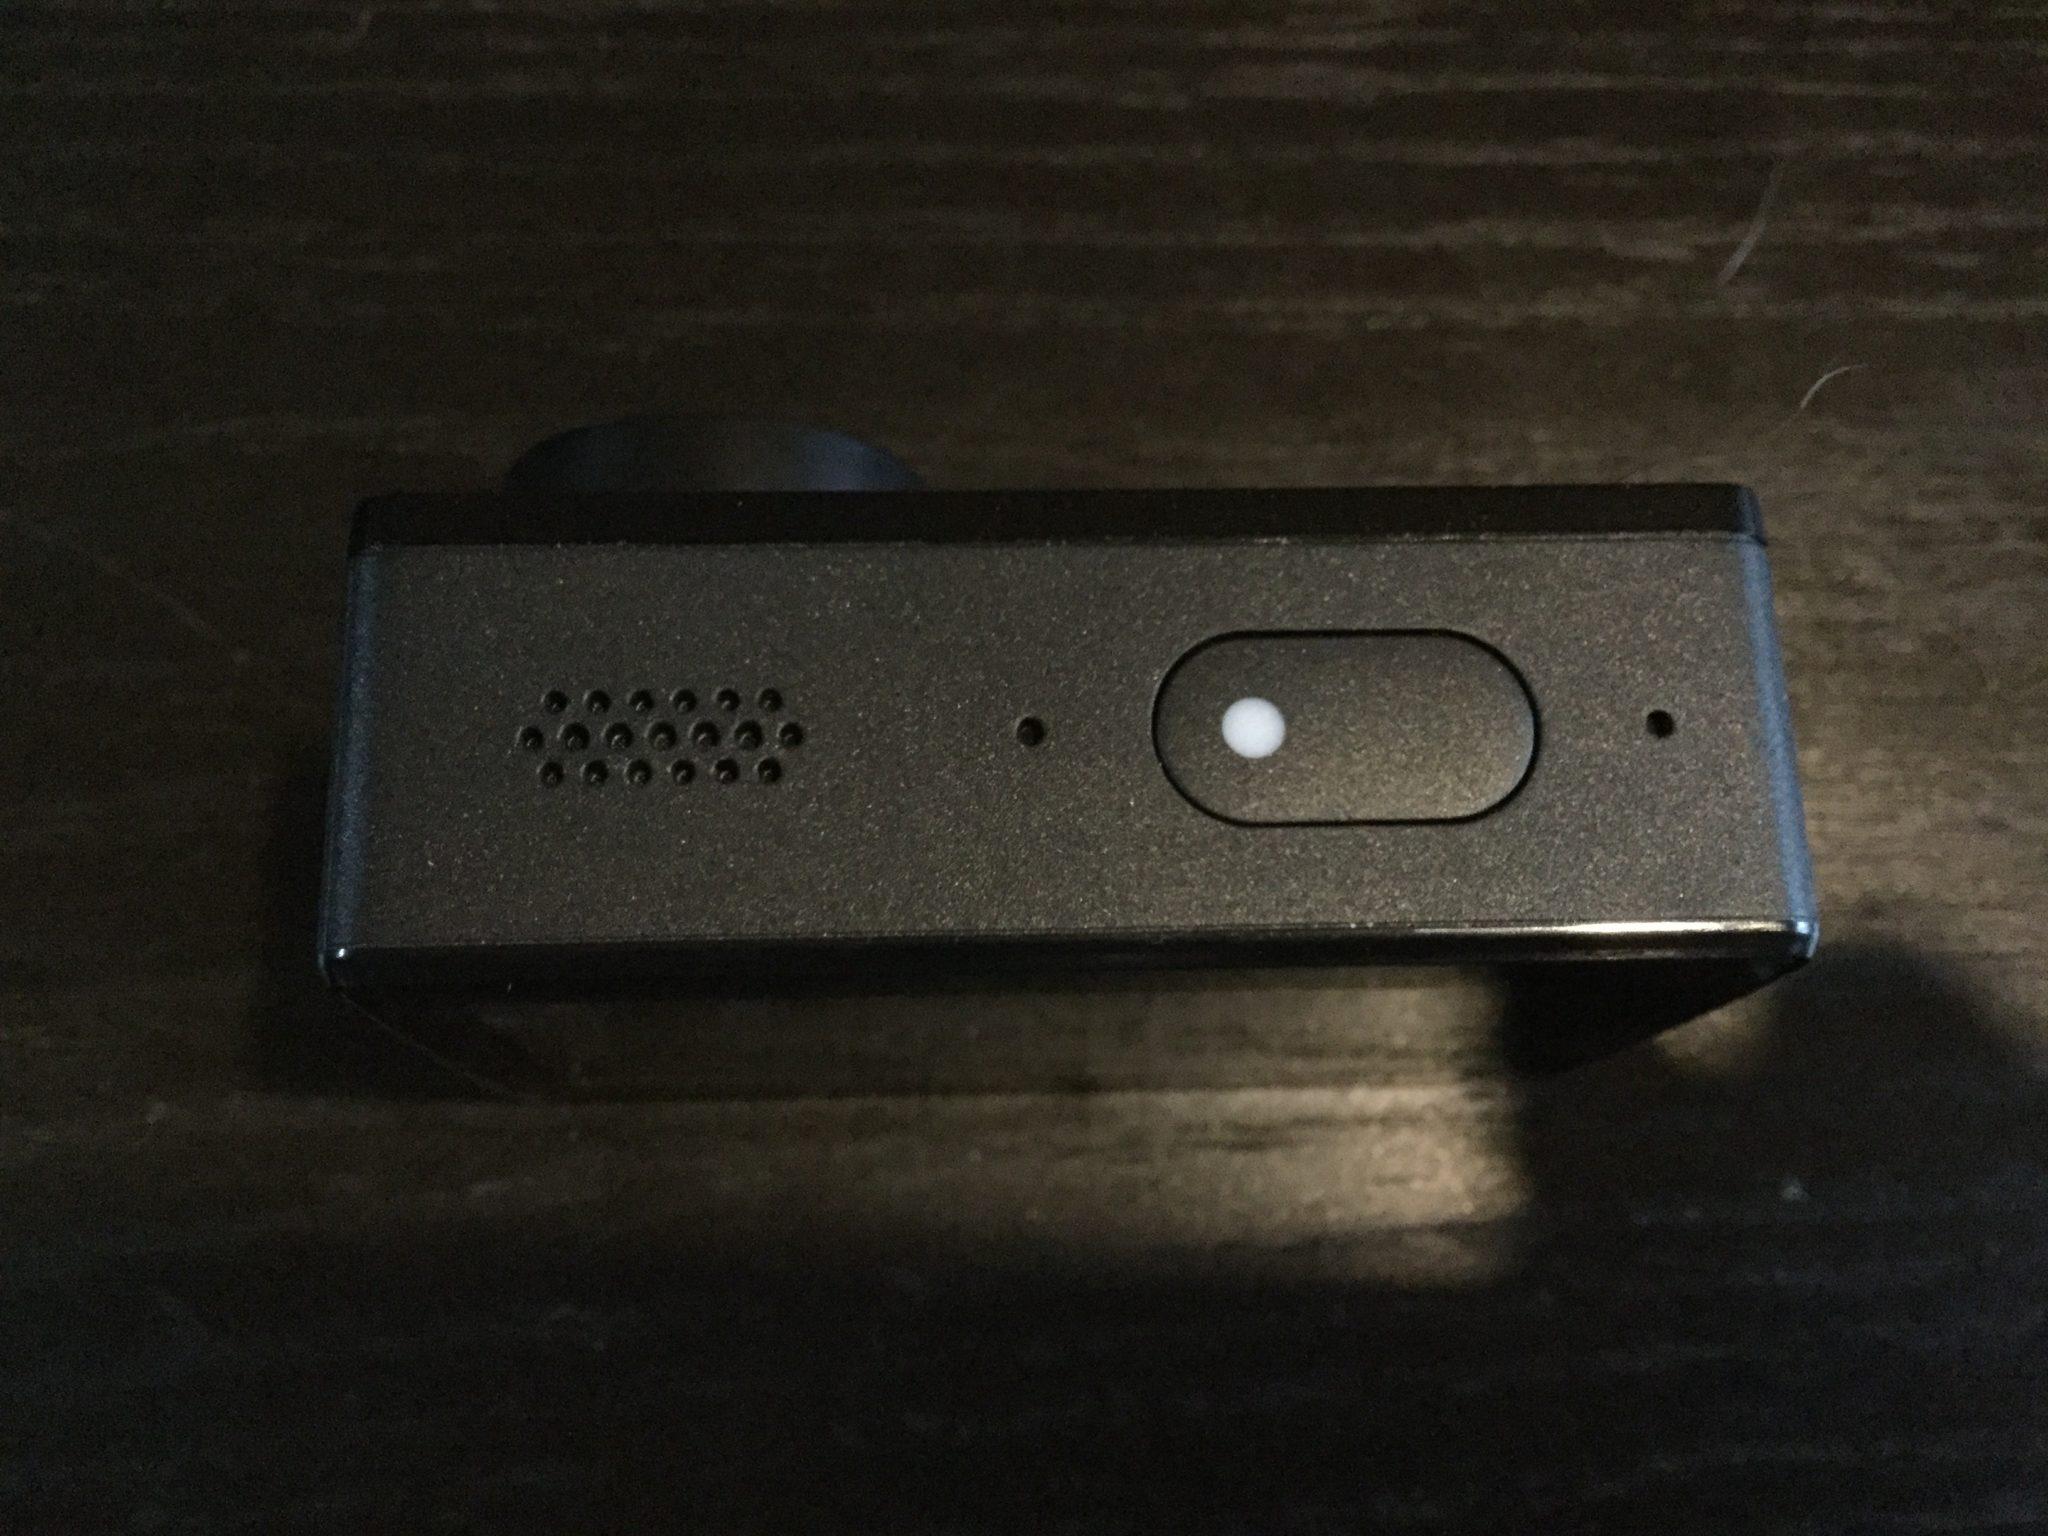 起動ボタンYI 4Kアクションカメラ